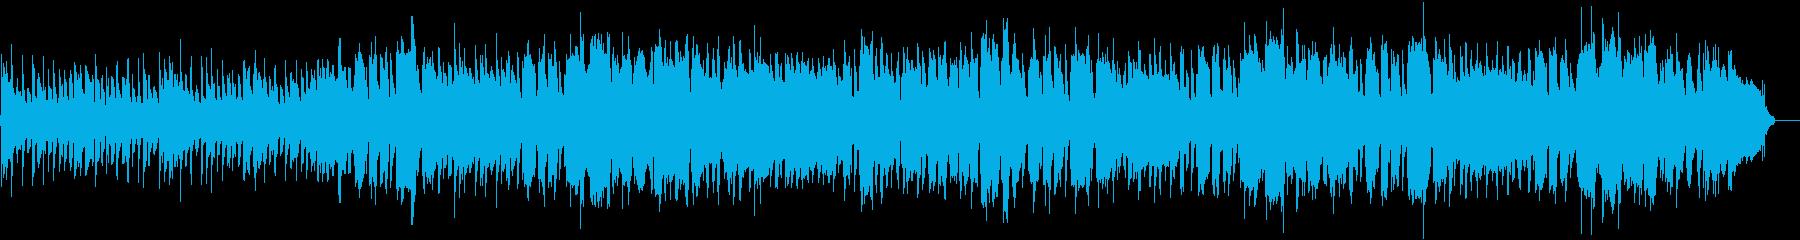 ポップで楽しいサウンドの再生済みの波形